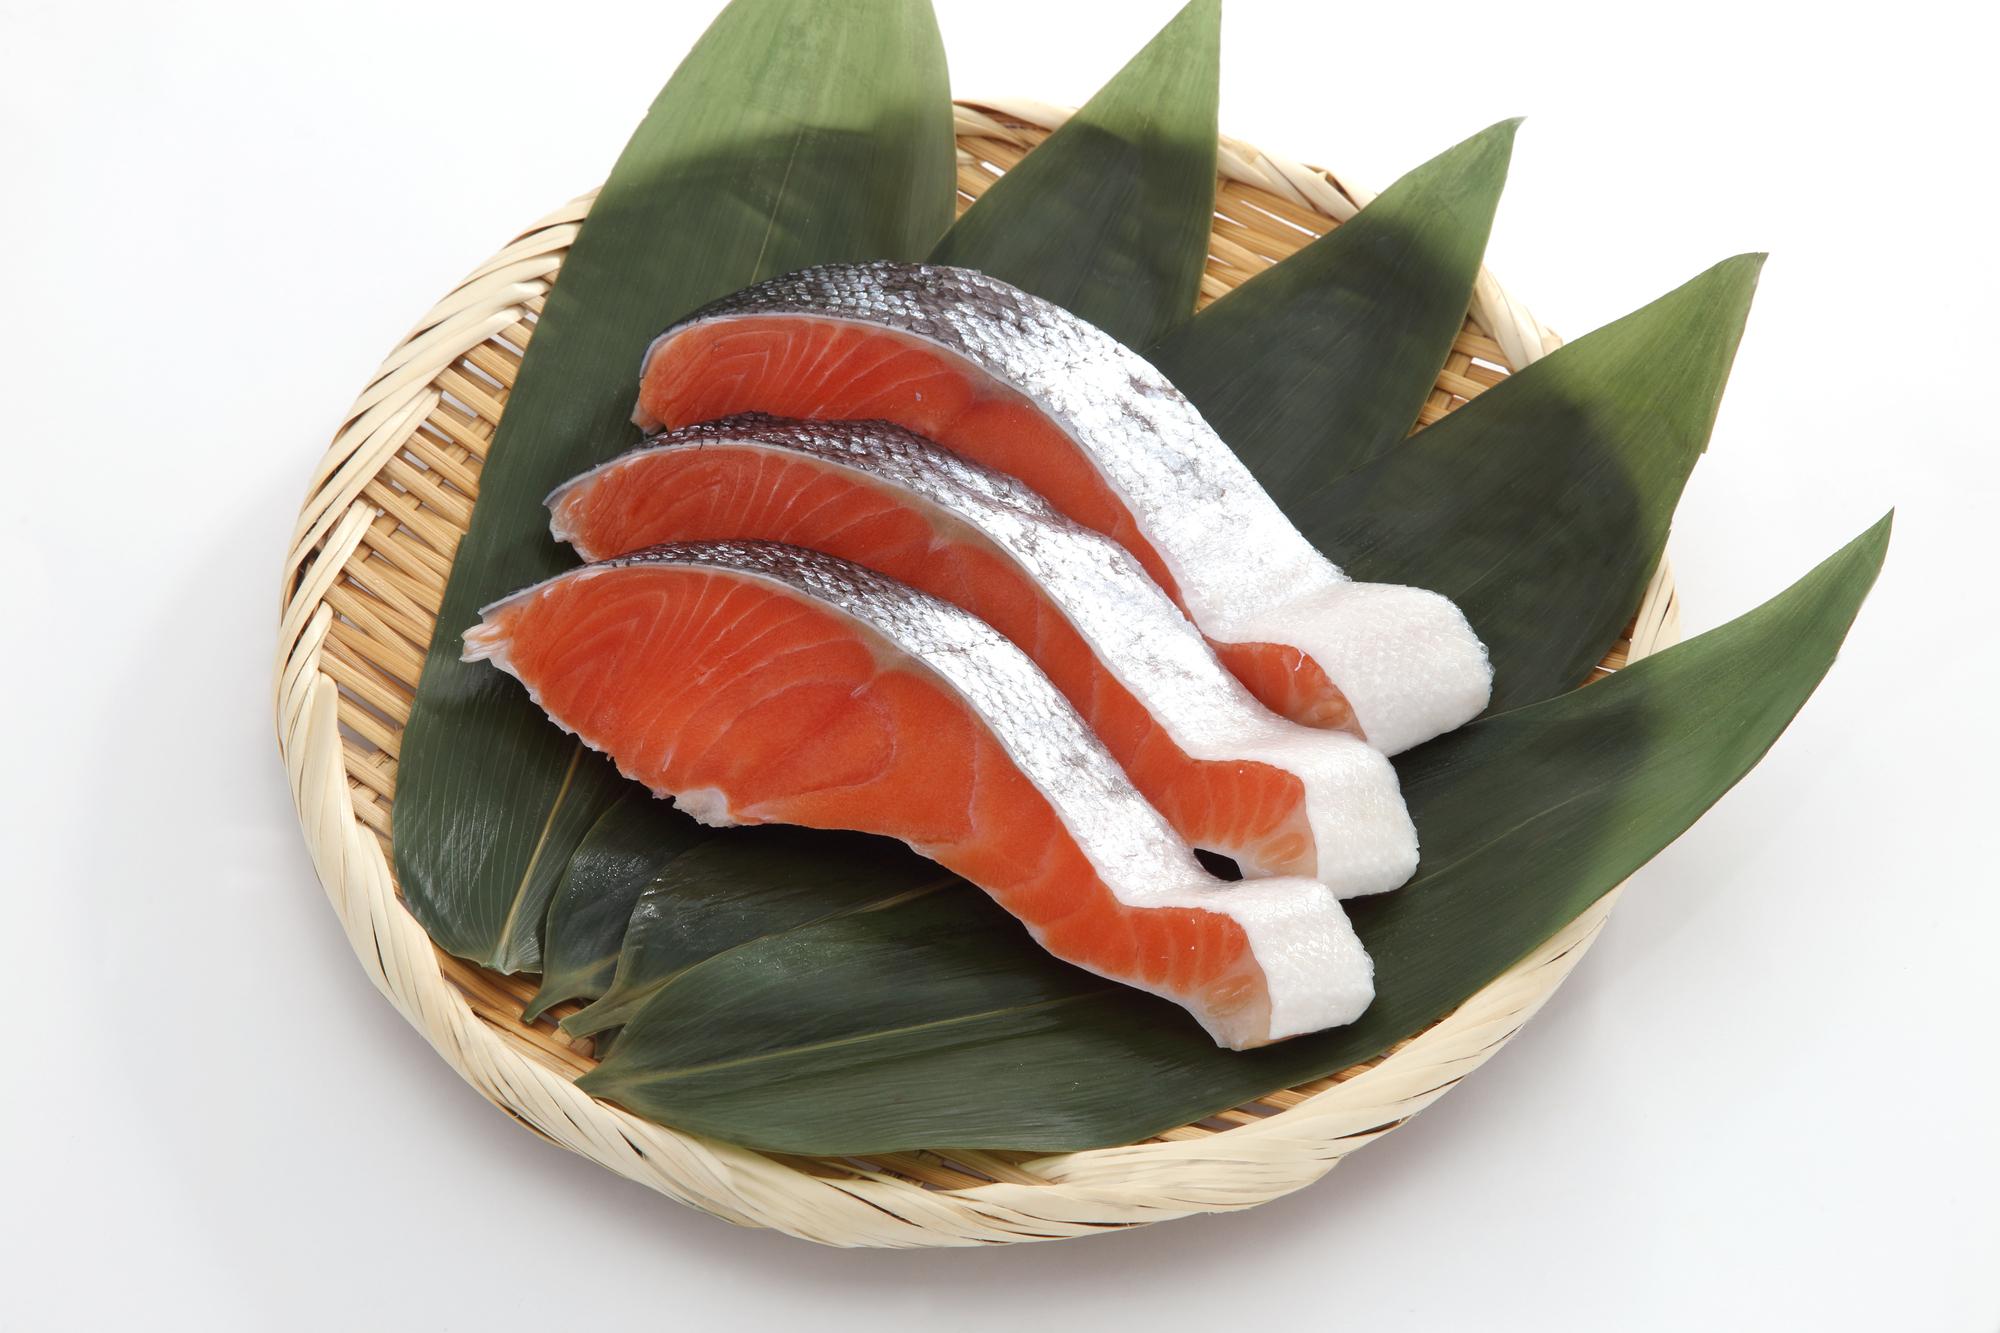 クレアチンを含む主な食べ物_鮭